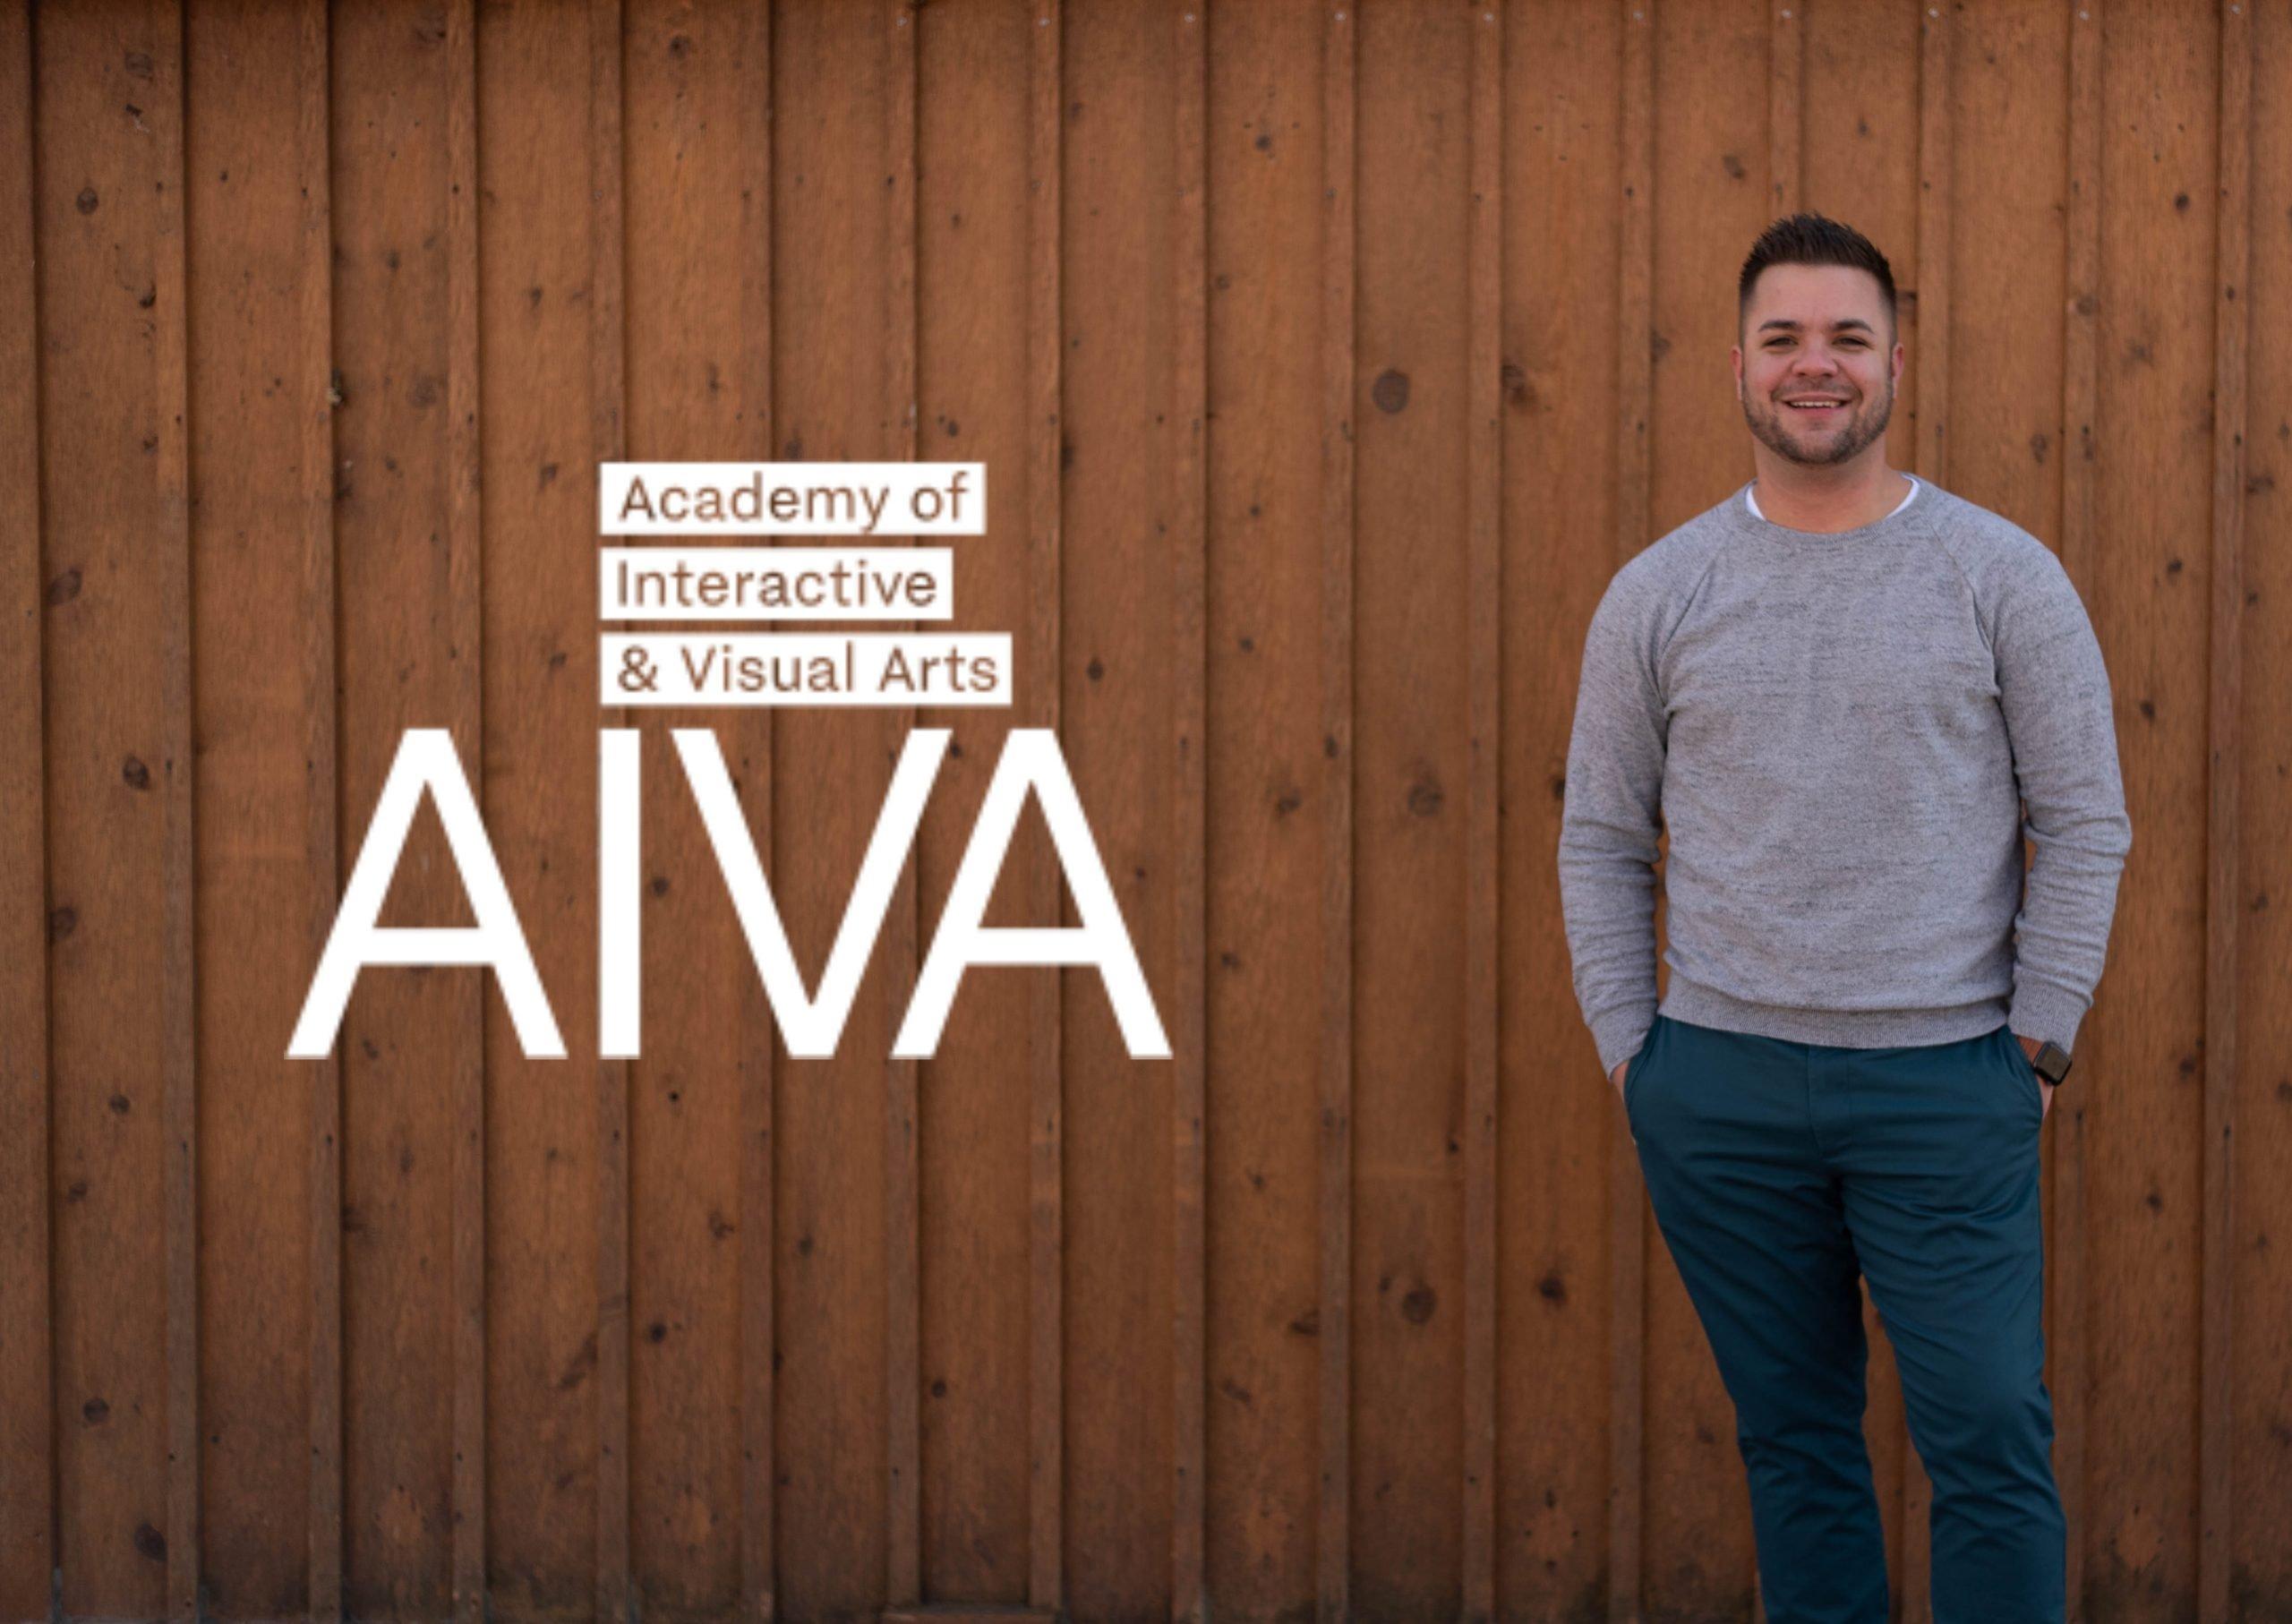 Andrew with AIVA Logo